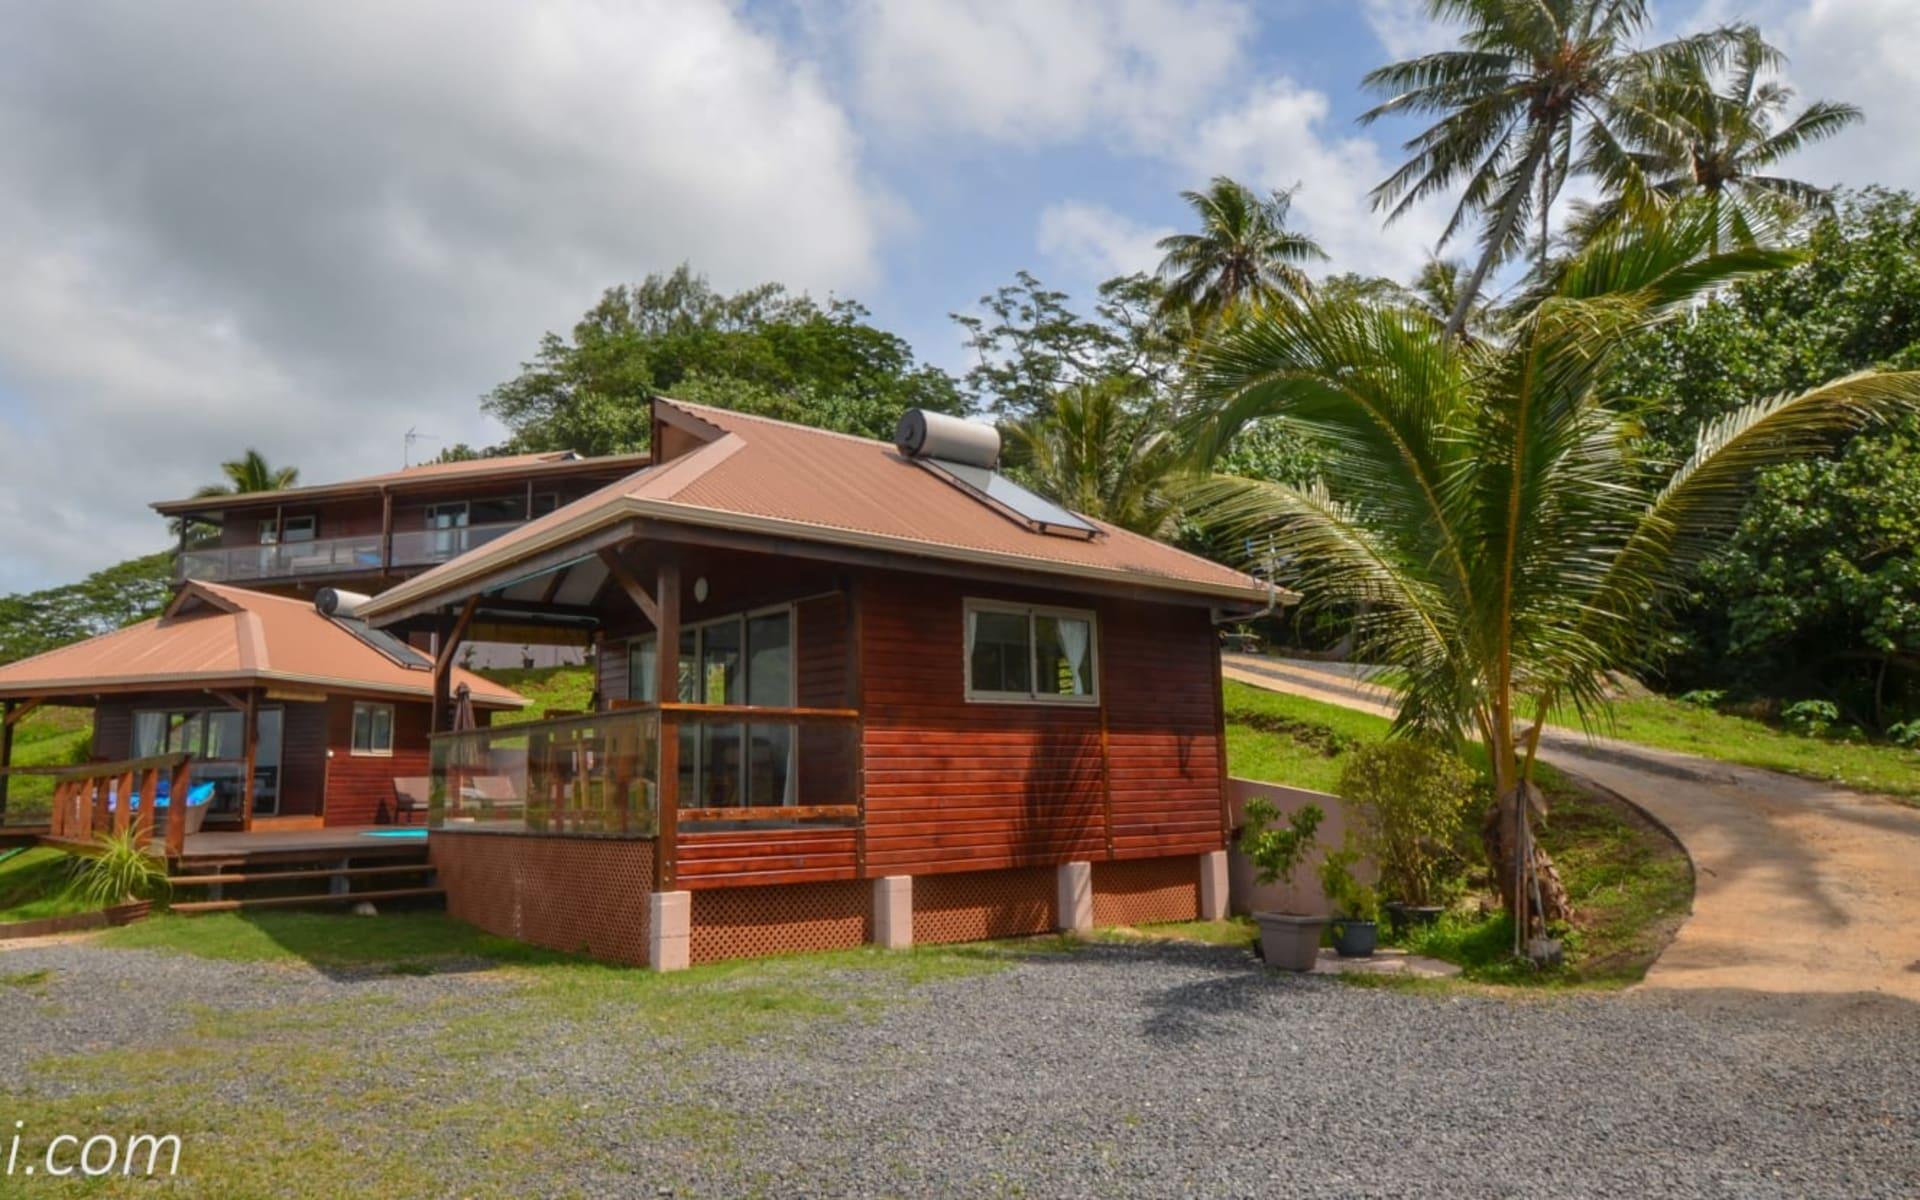 Villa Tonoï in Raiatea:  Villa Tonoi (7)